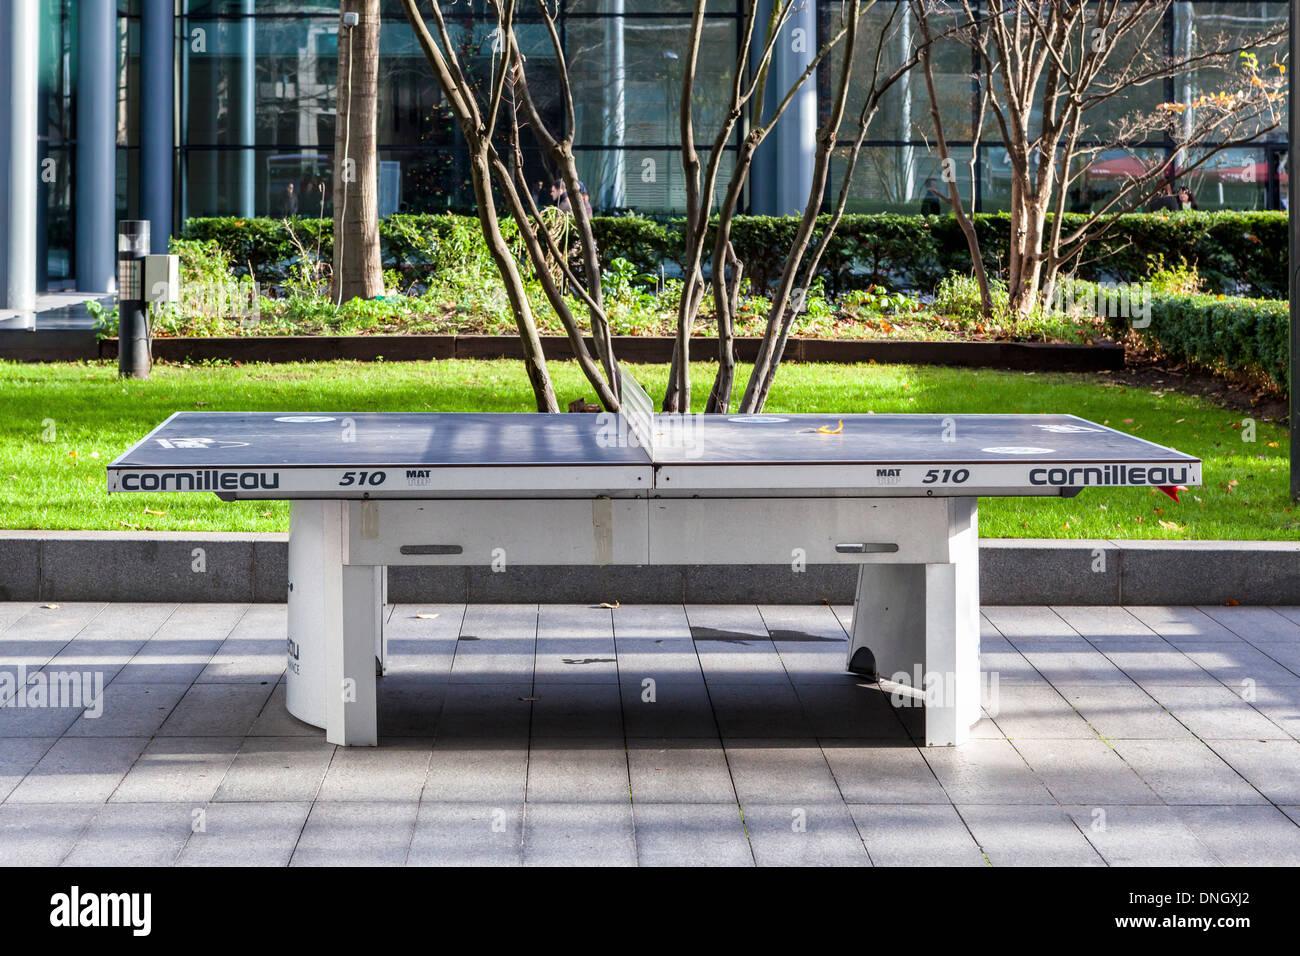 Espacio verde exterior y mesa de ping-pong Cornilleau en plaza por obispos, Spitalfields, Londres Imagen De Stock